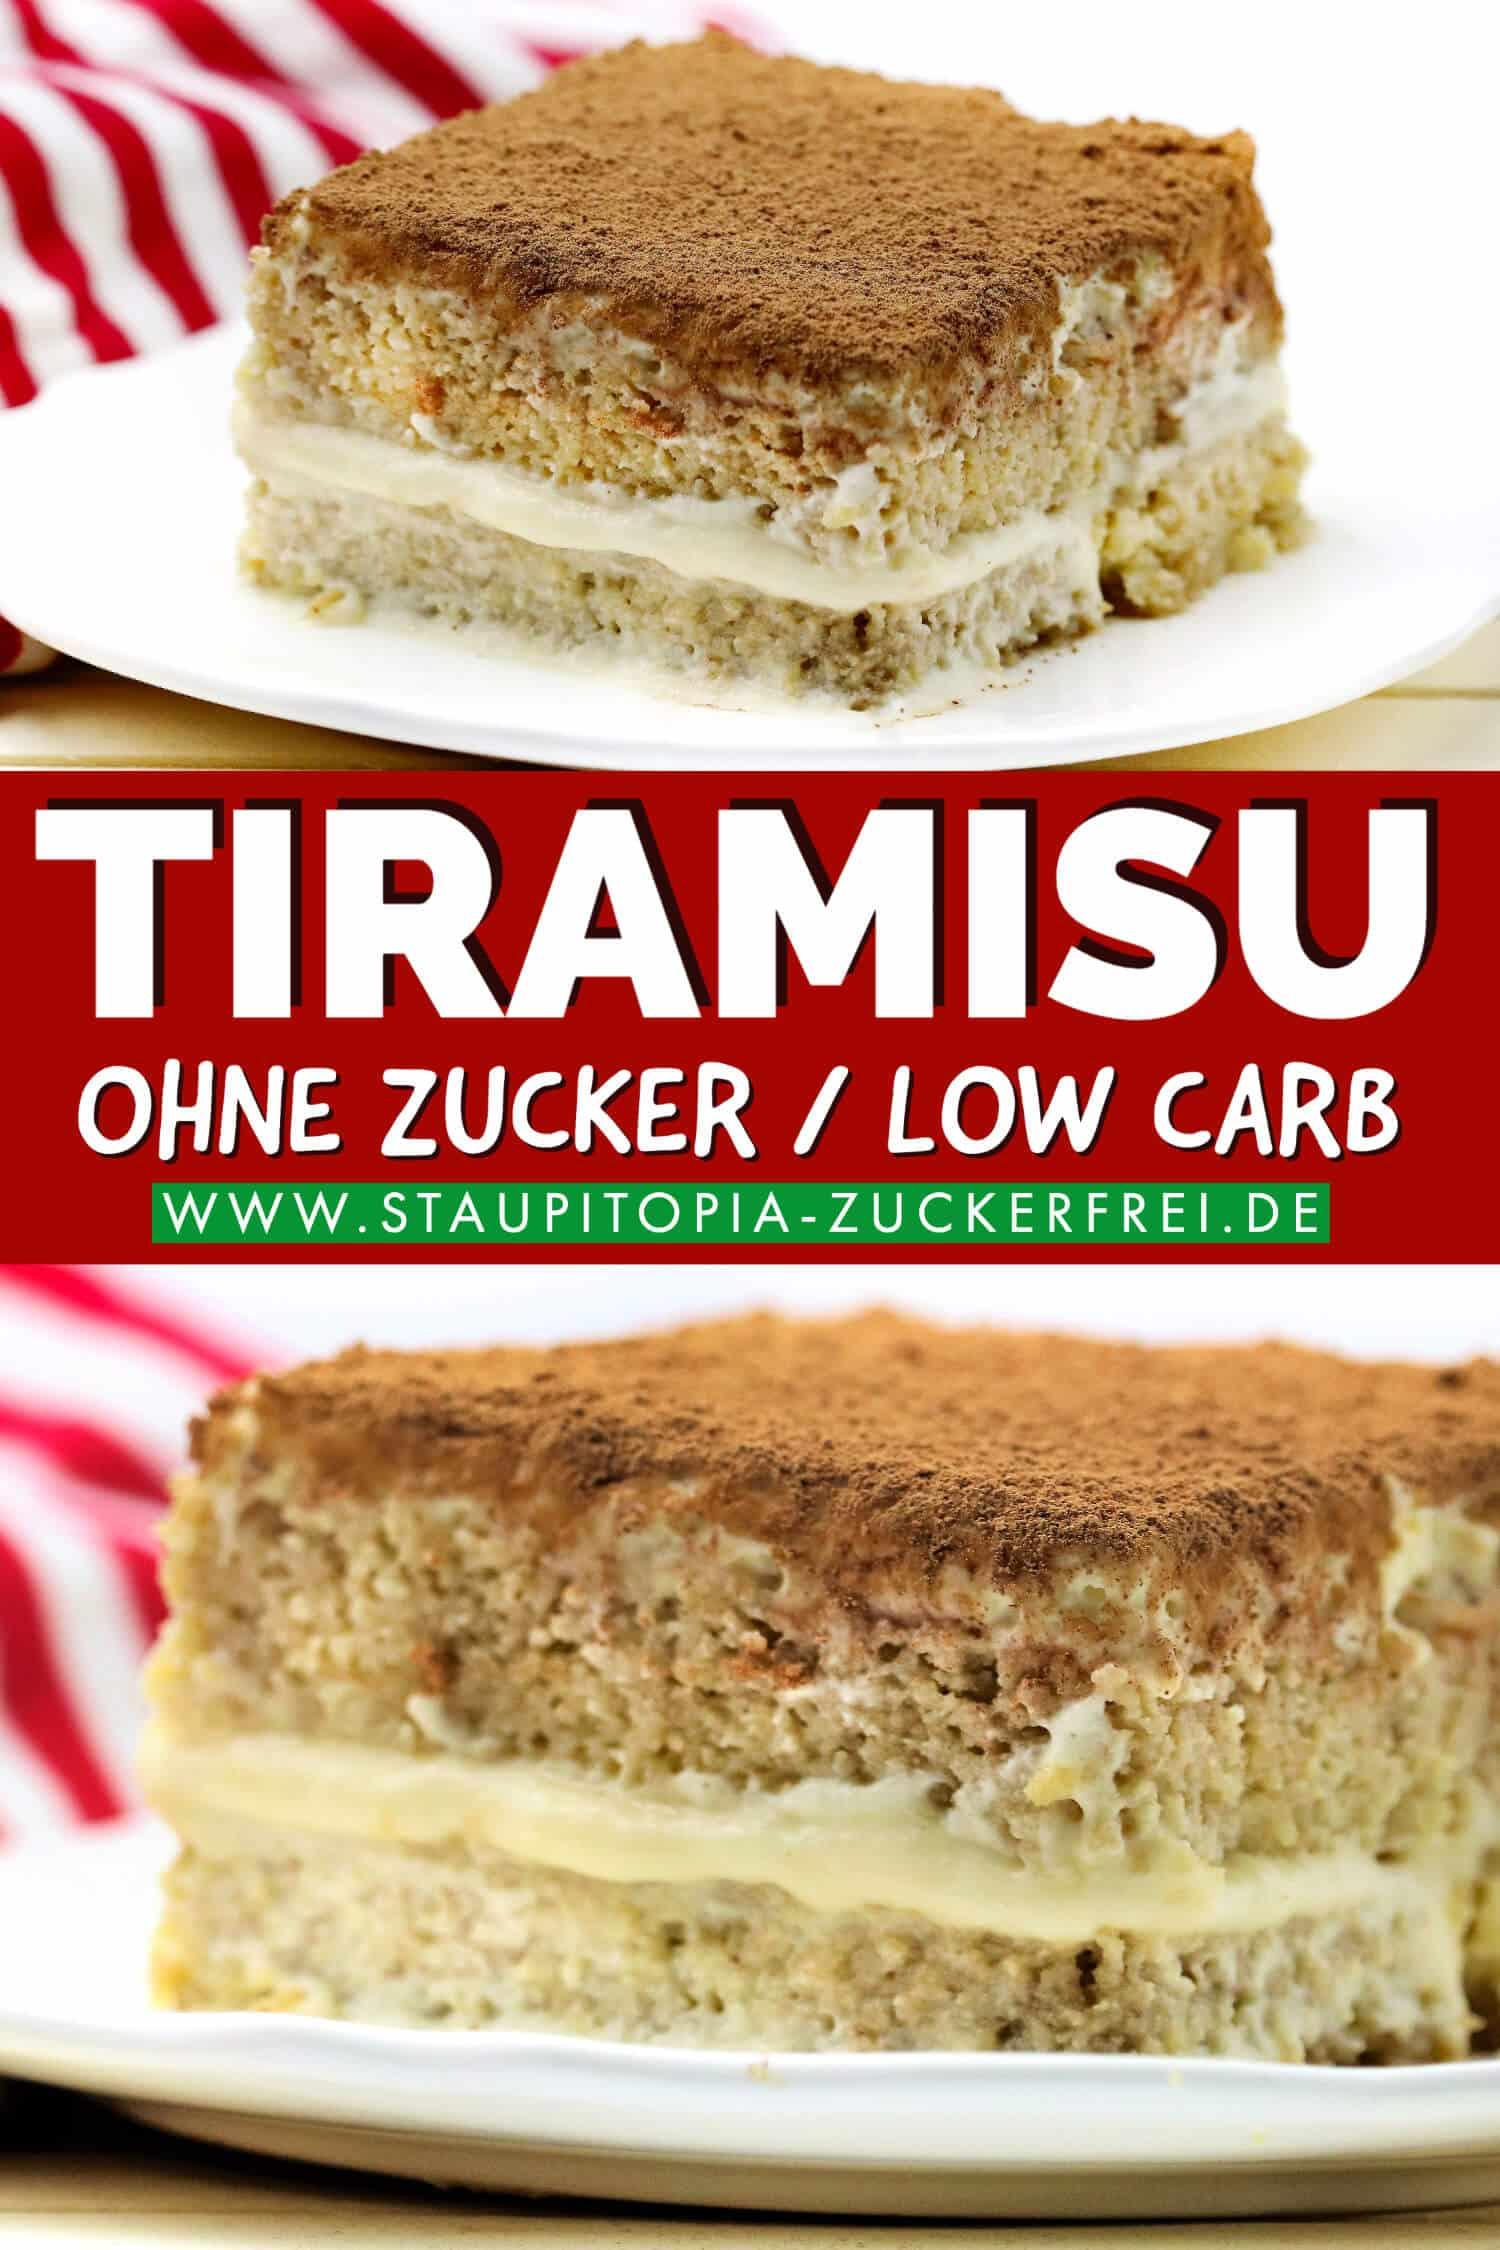 Low Carb Tiramisu ohne Zucker selbst machen.